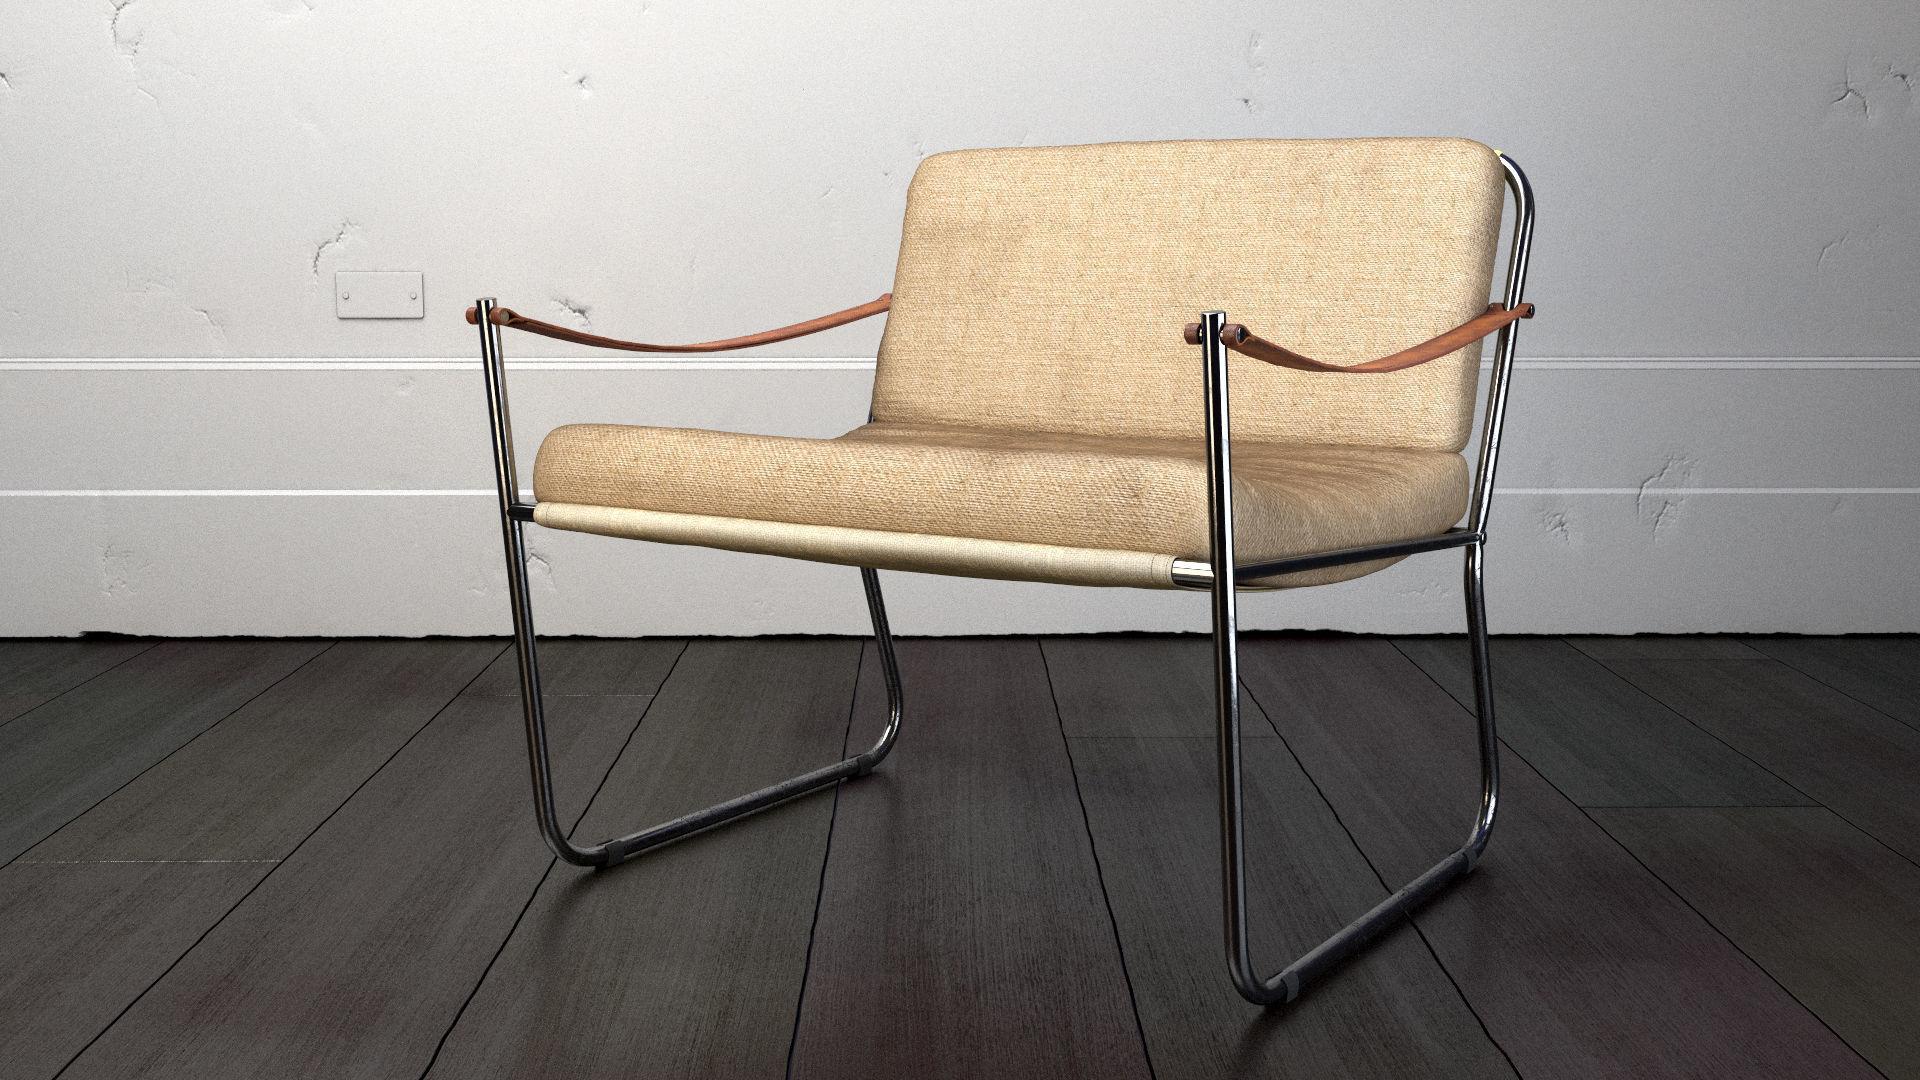 Vintage Danish Lounge Chair 3d Model Max Obj 3ds Fbx 1 ...